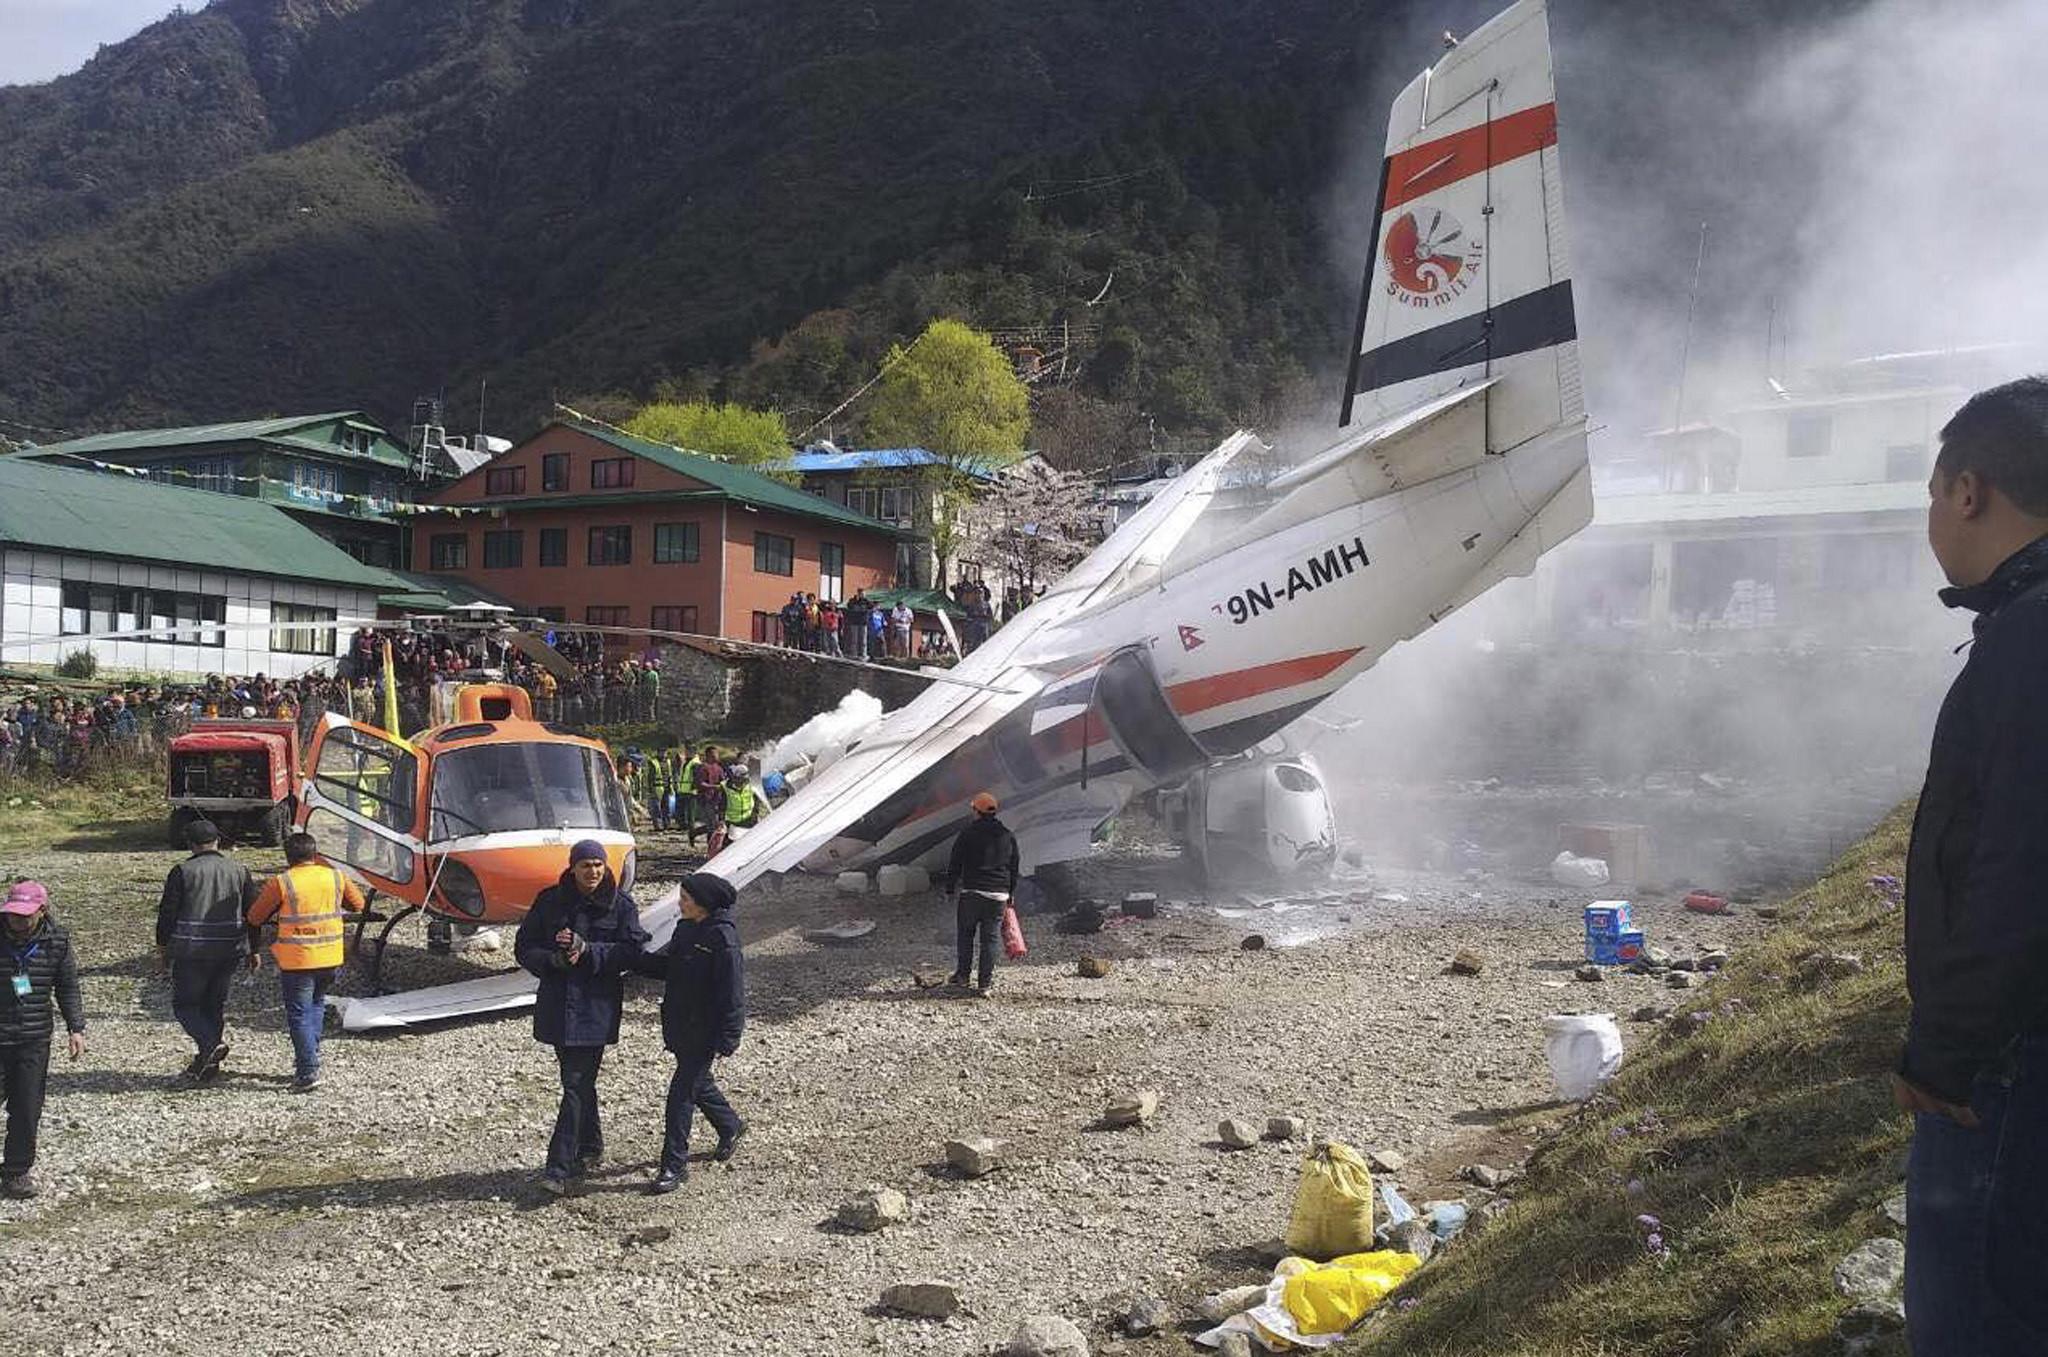 Pelo menos dois mortos no Nepal em acidente de avioneta